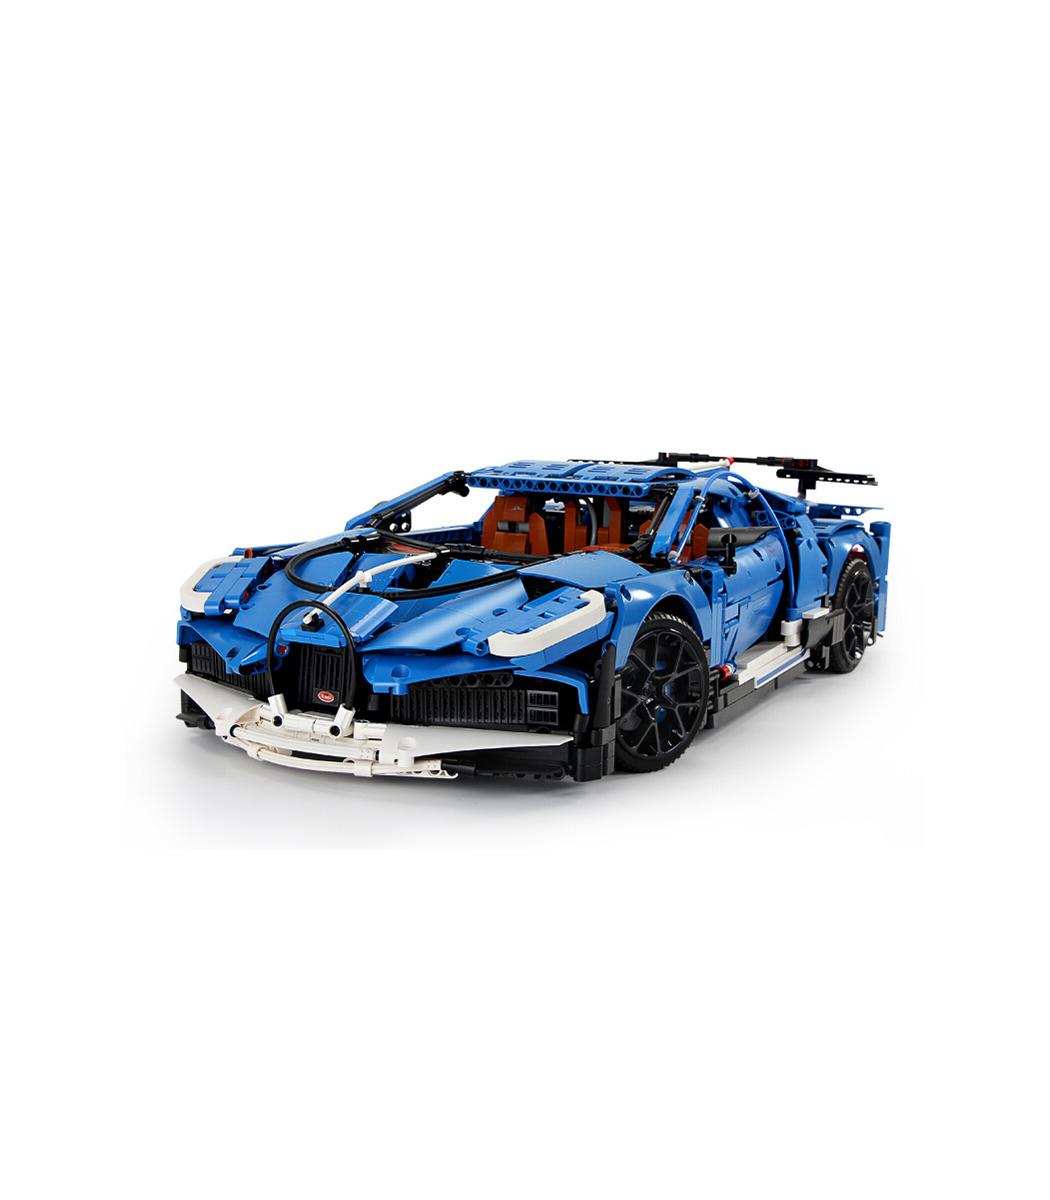 Moule Roi 13125 Bugatti Divo Super Voiture De Sport Blocs De serapportantà Jeux De Super Voiture